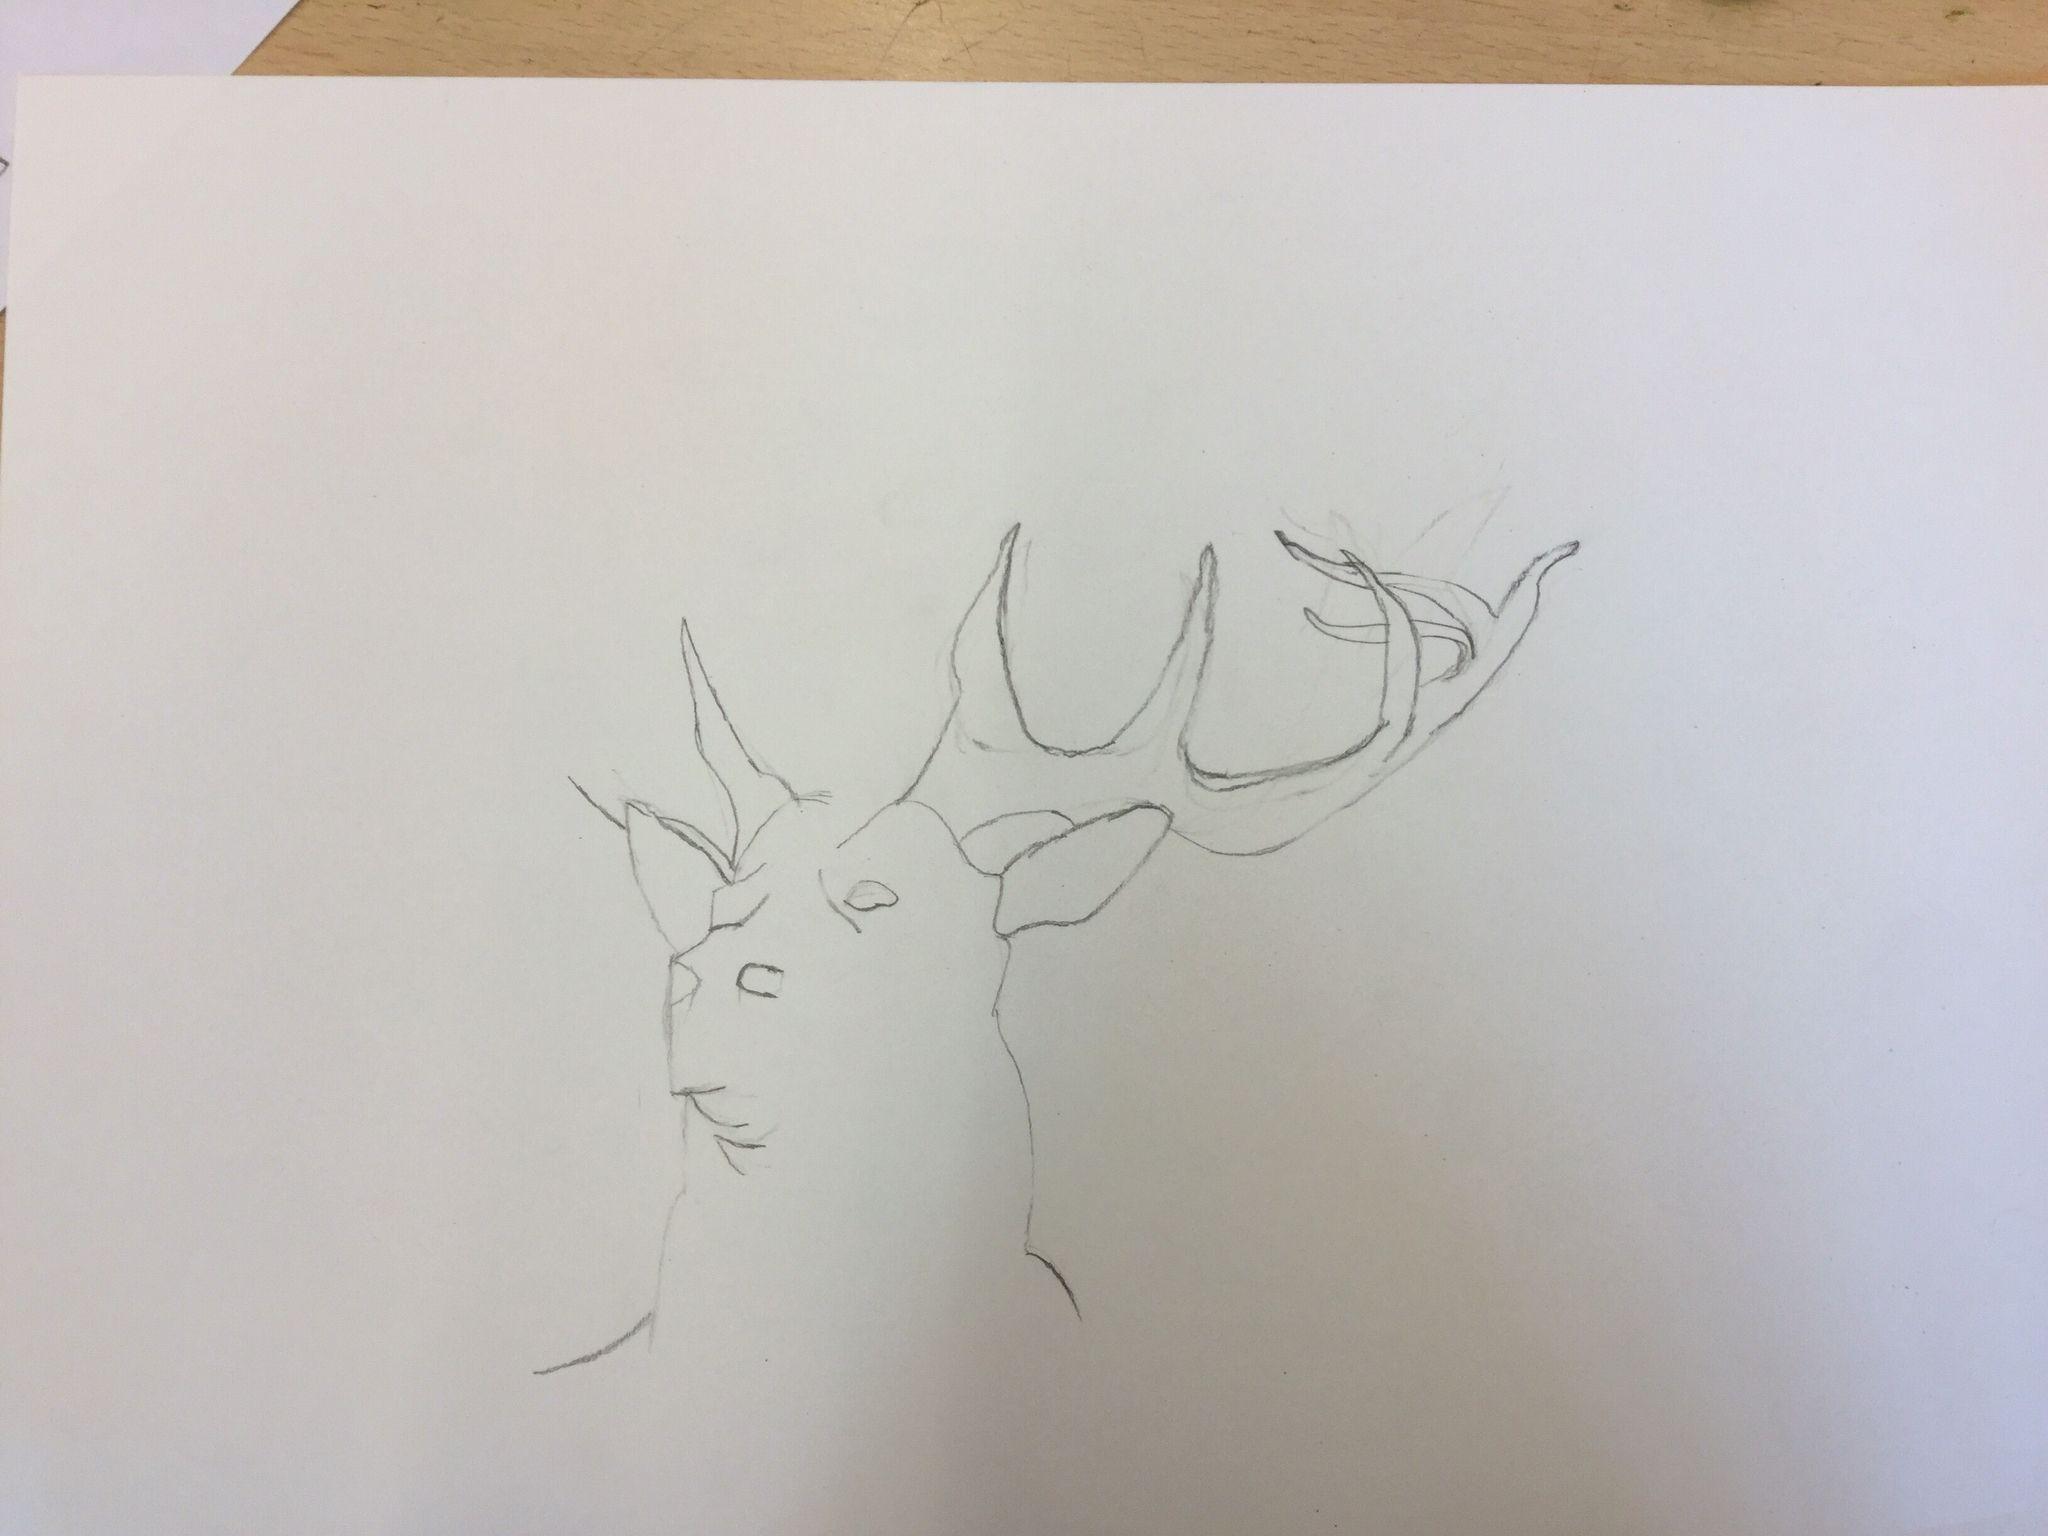 Dit is mijn eind tekening tot nu toe ik vond het gewei het moeilijkst hij lukt beter als de eerste